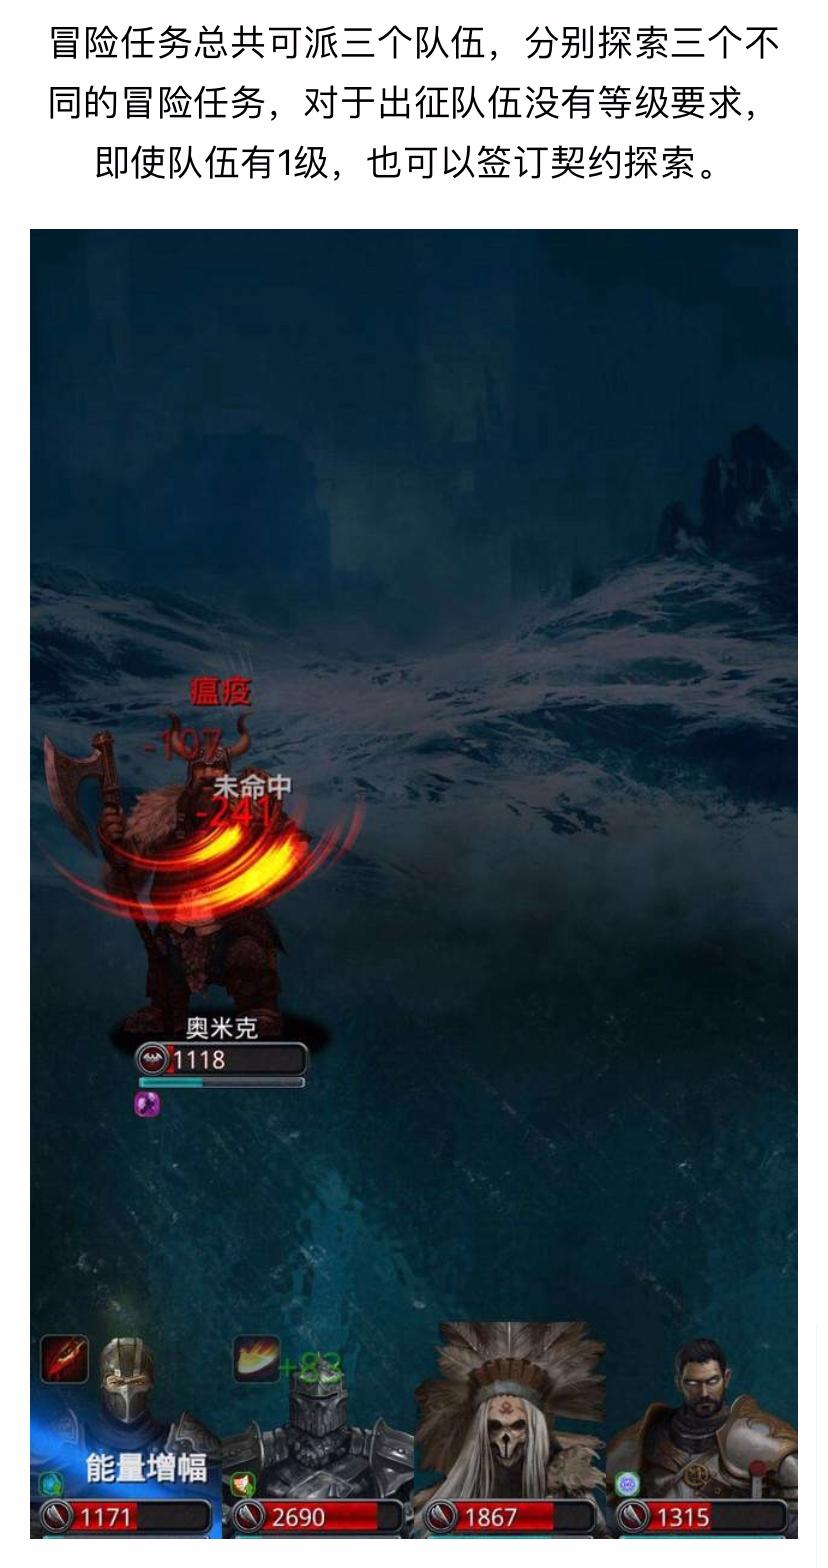 地下城堡2冒险攻略-冒险玩法怎么玩_03.jpg